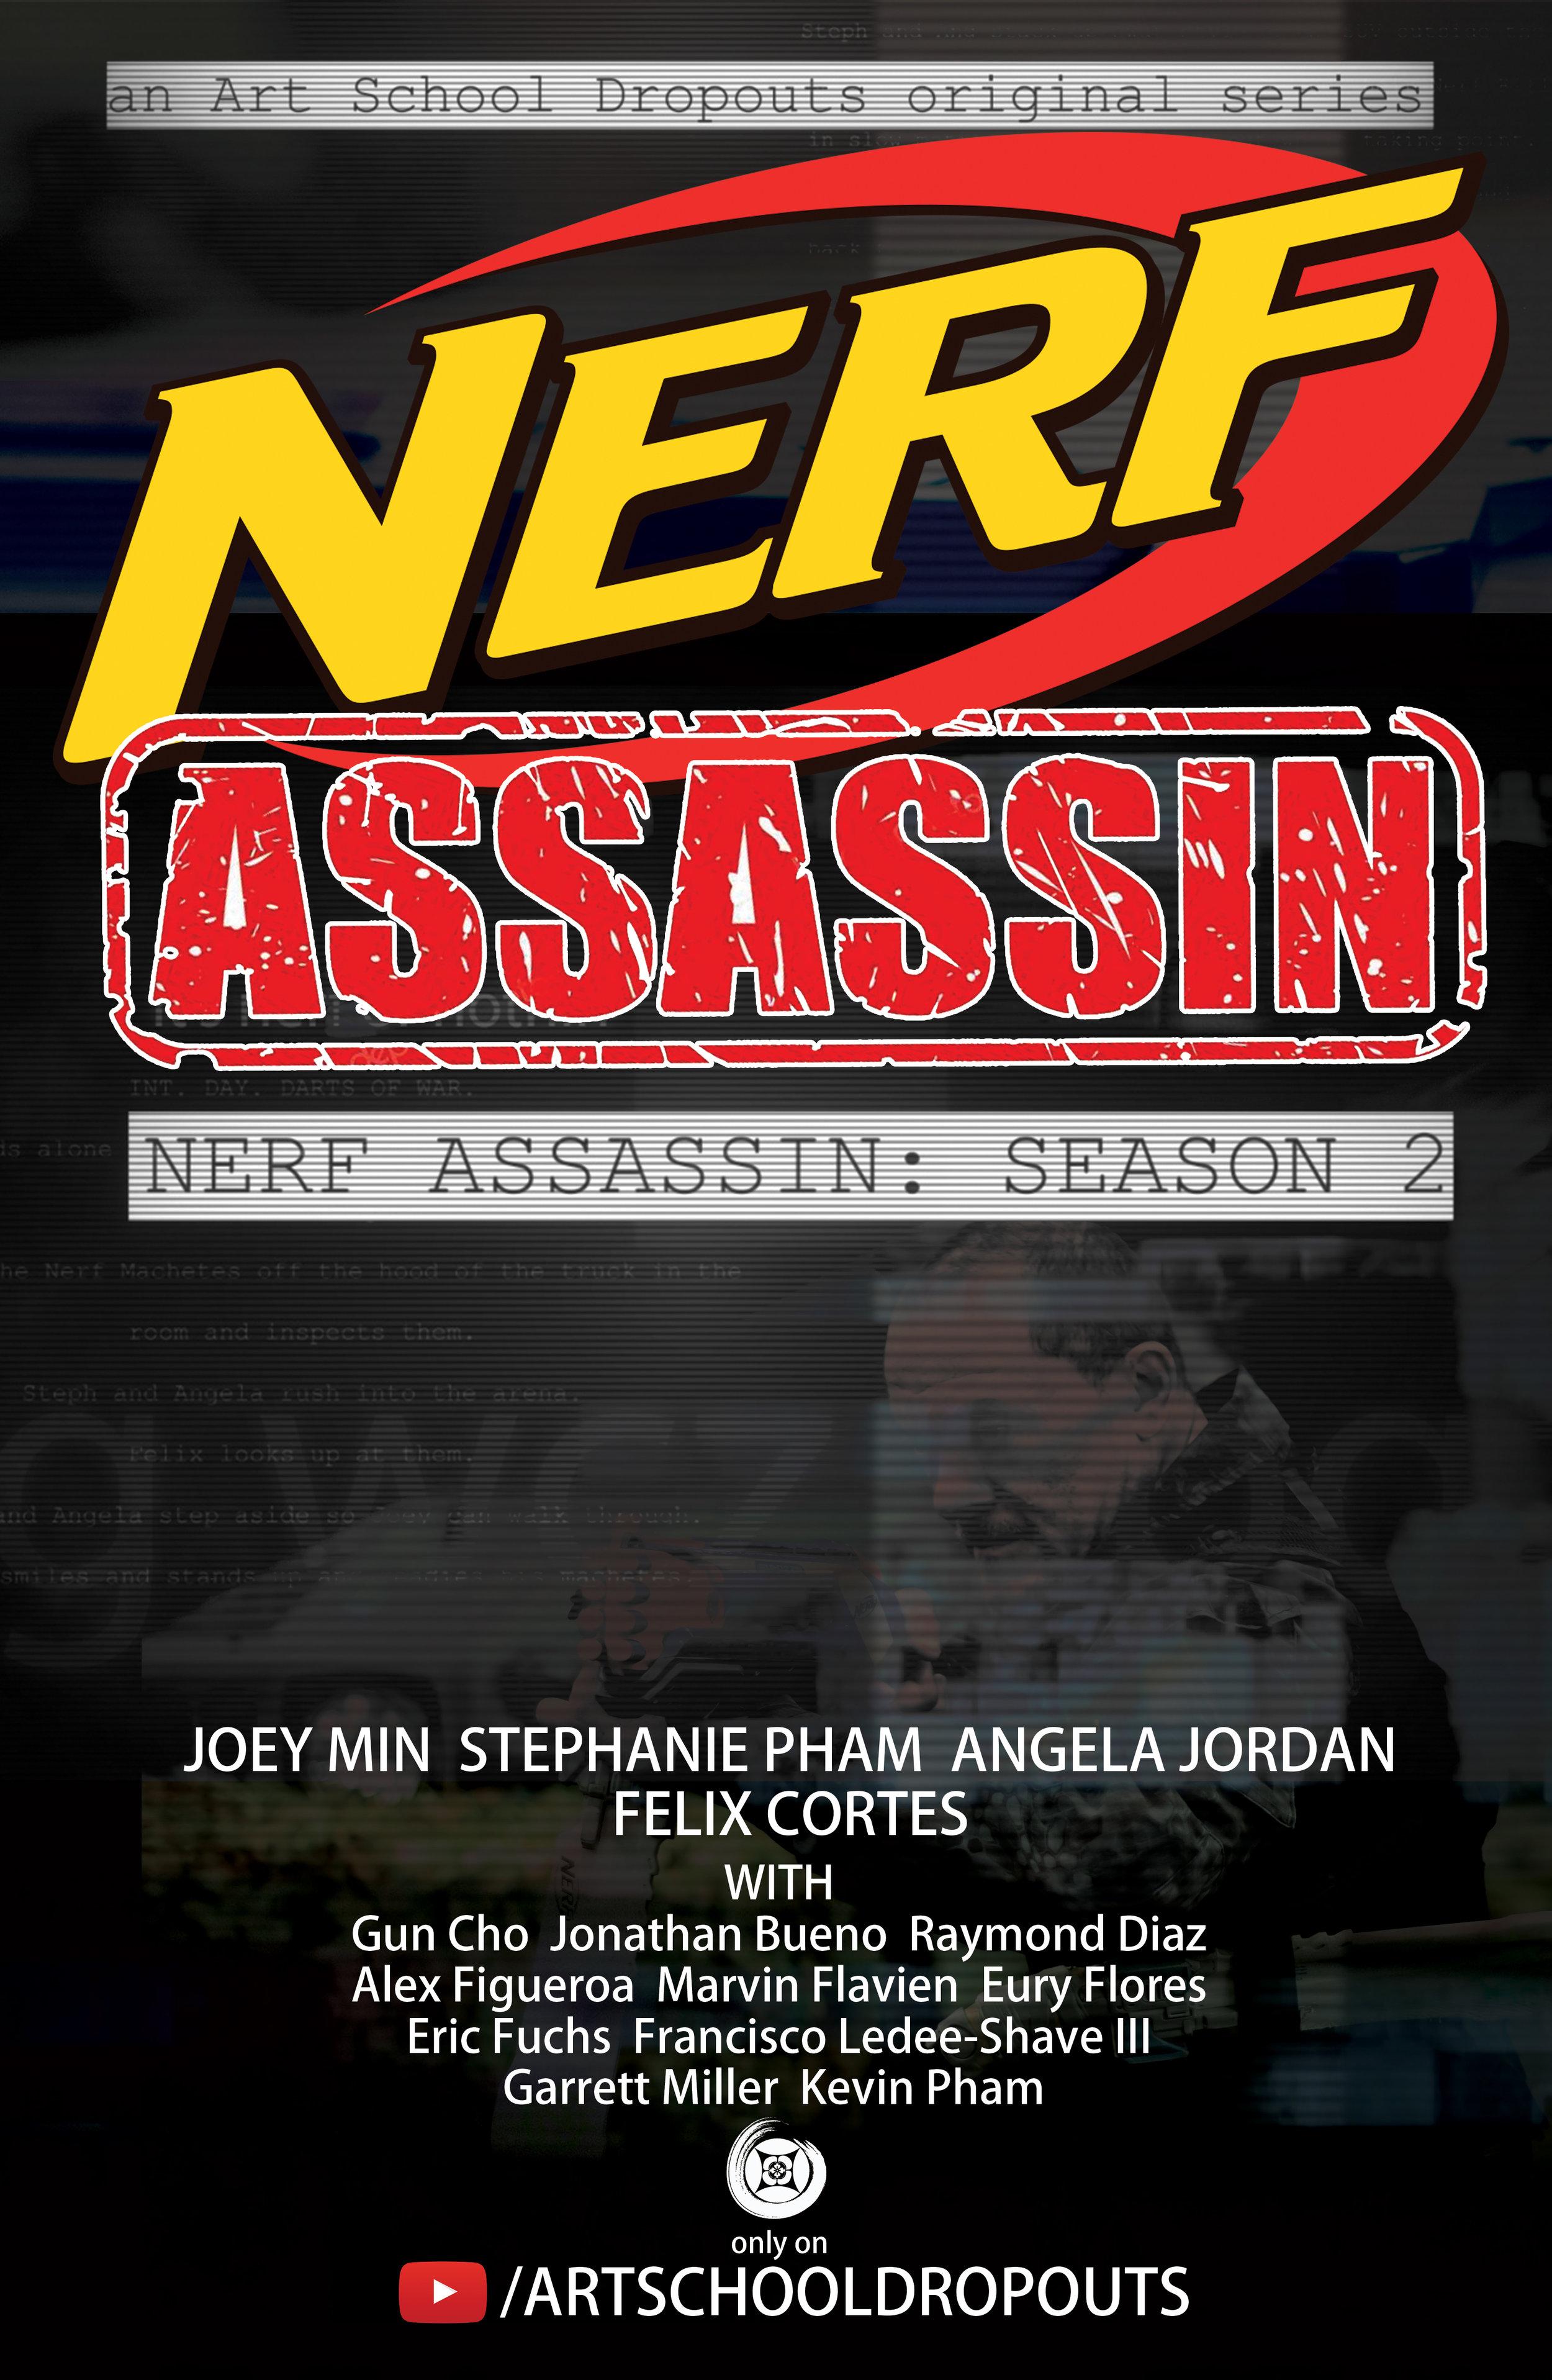 Nerf-Assassin-Season-2-Poster.jpg